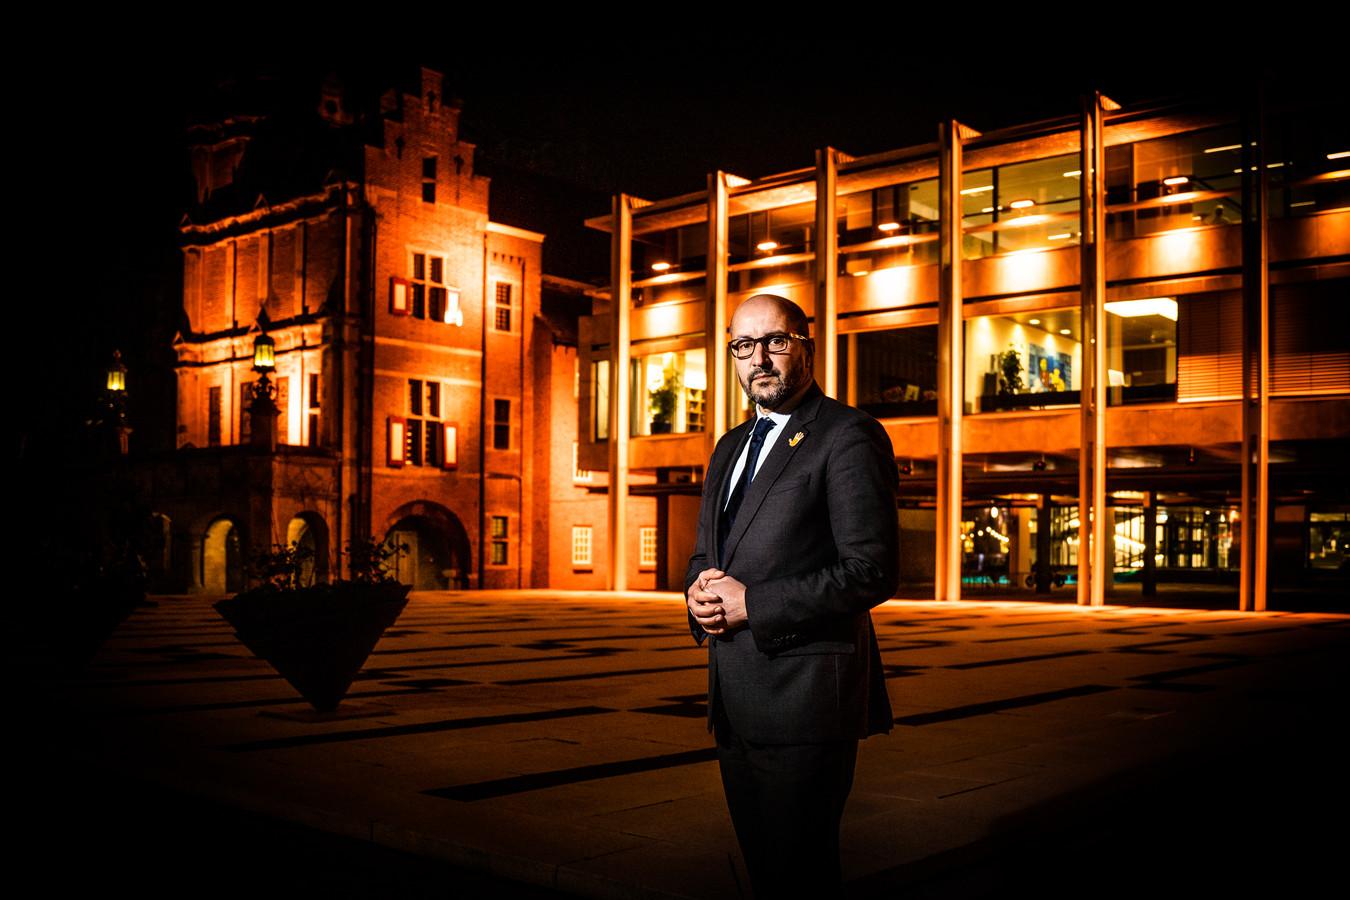 Ahmed Marcouch voor het oranje stadhuis.